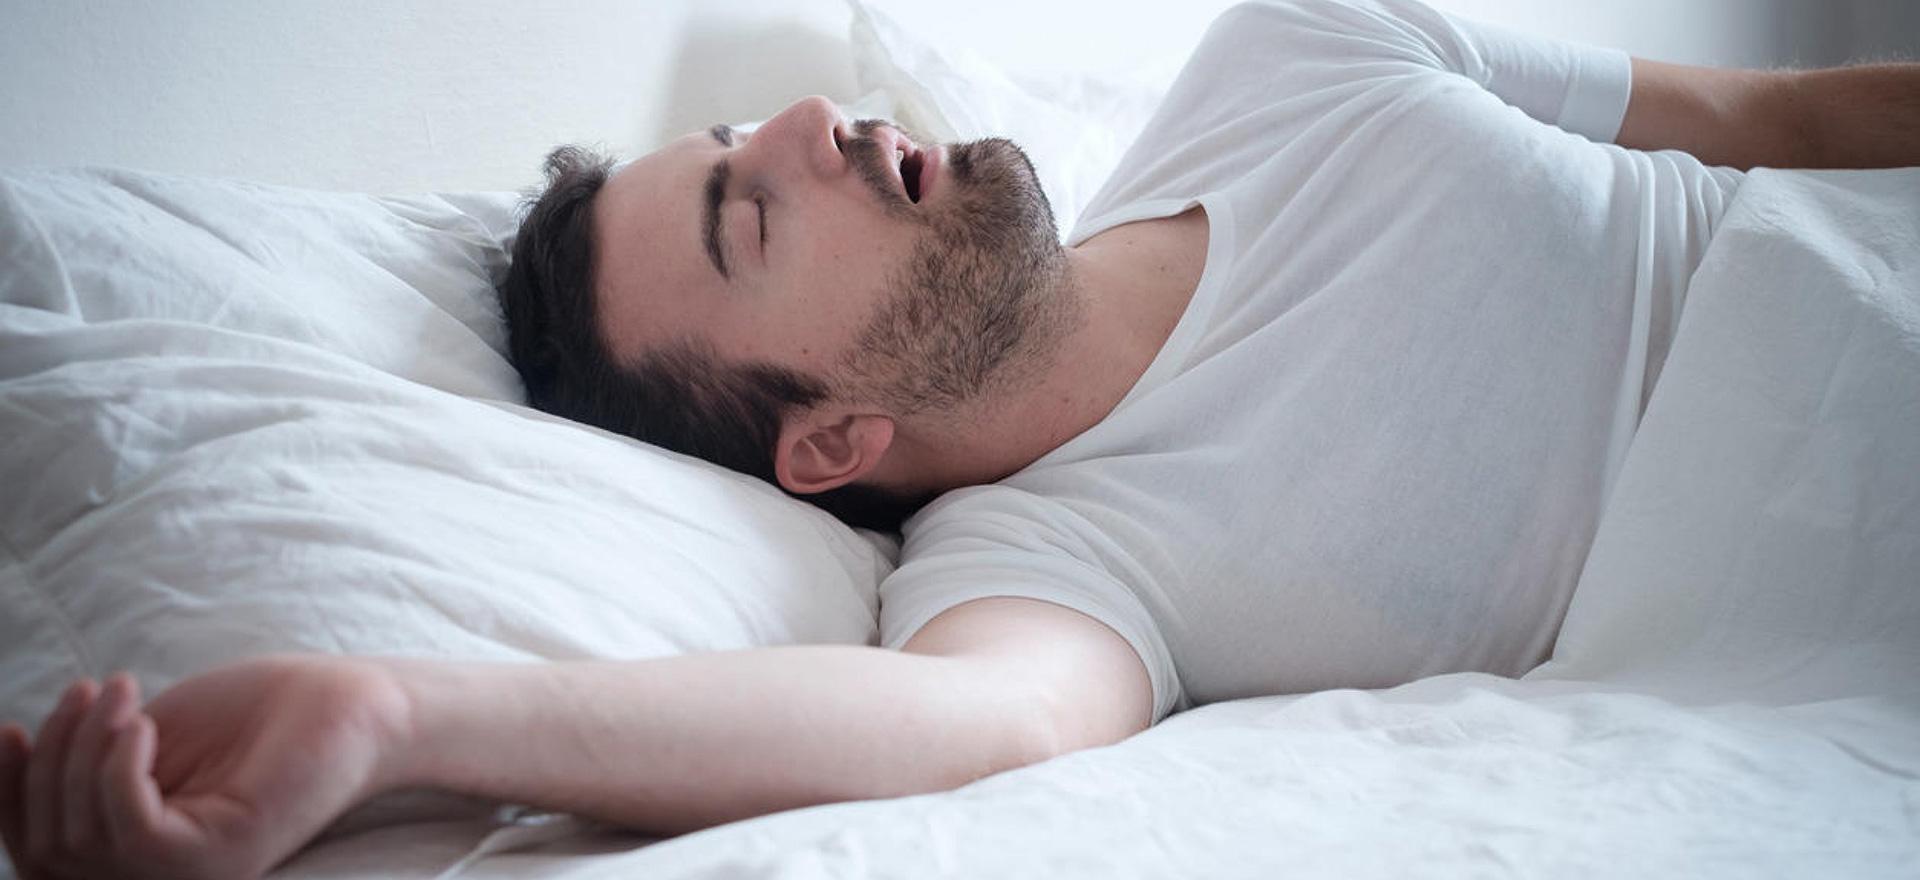 uomo-che-dorme_1920